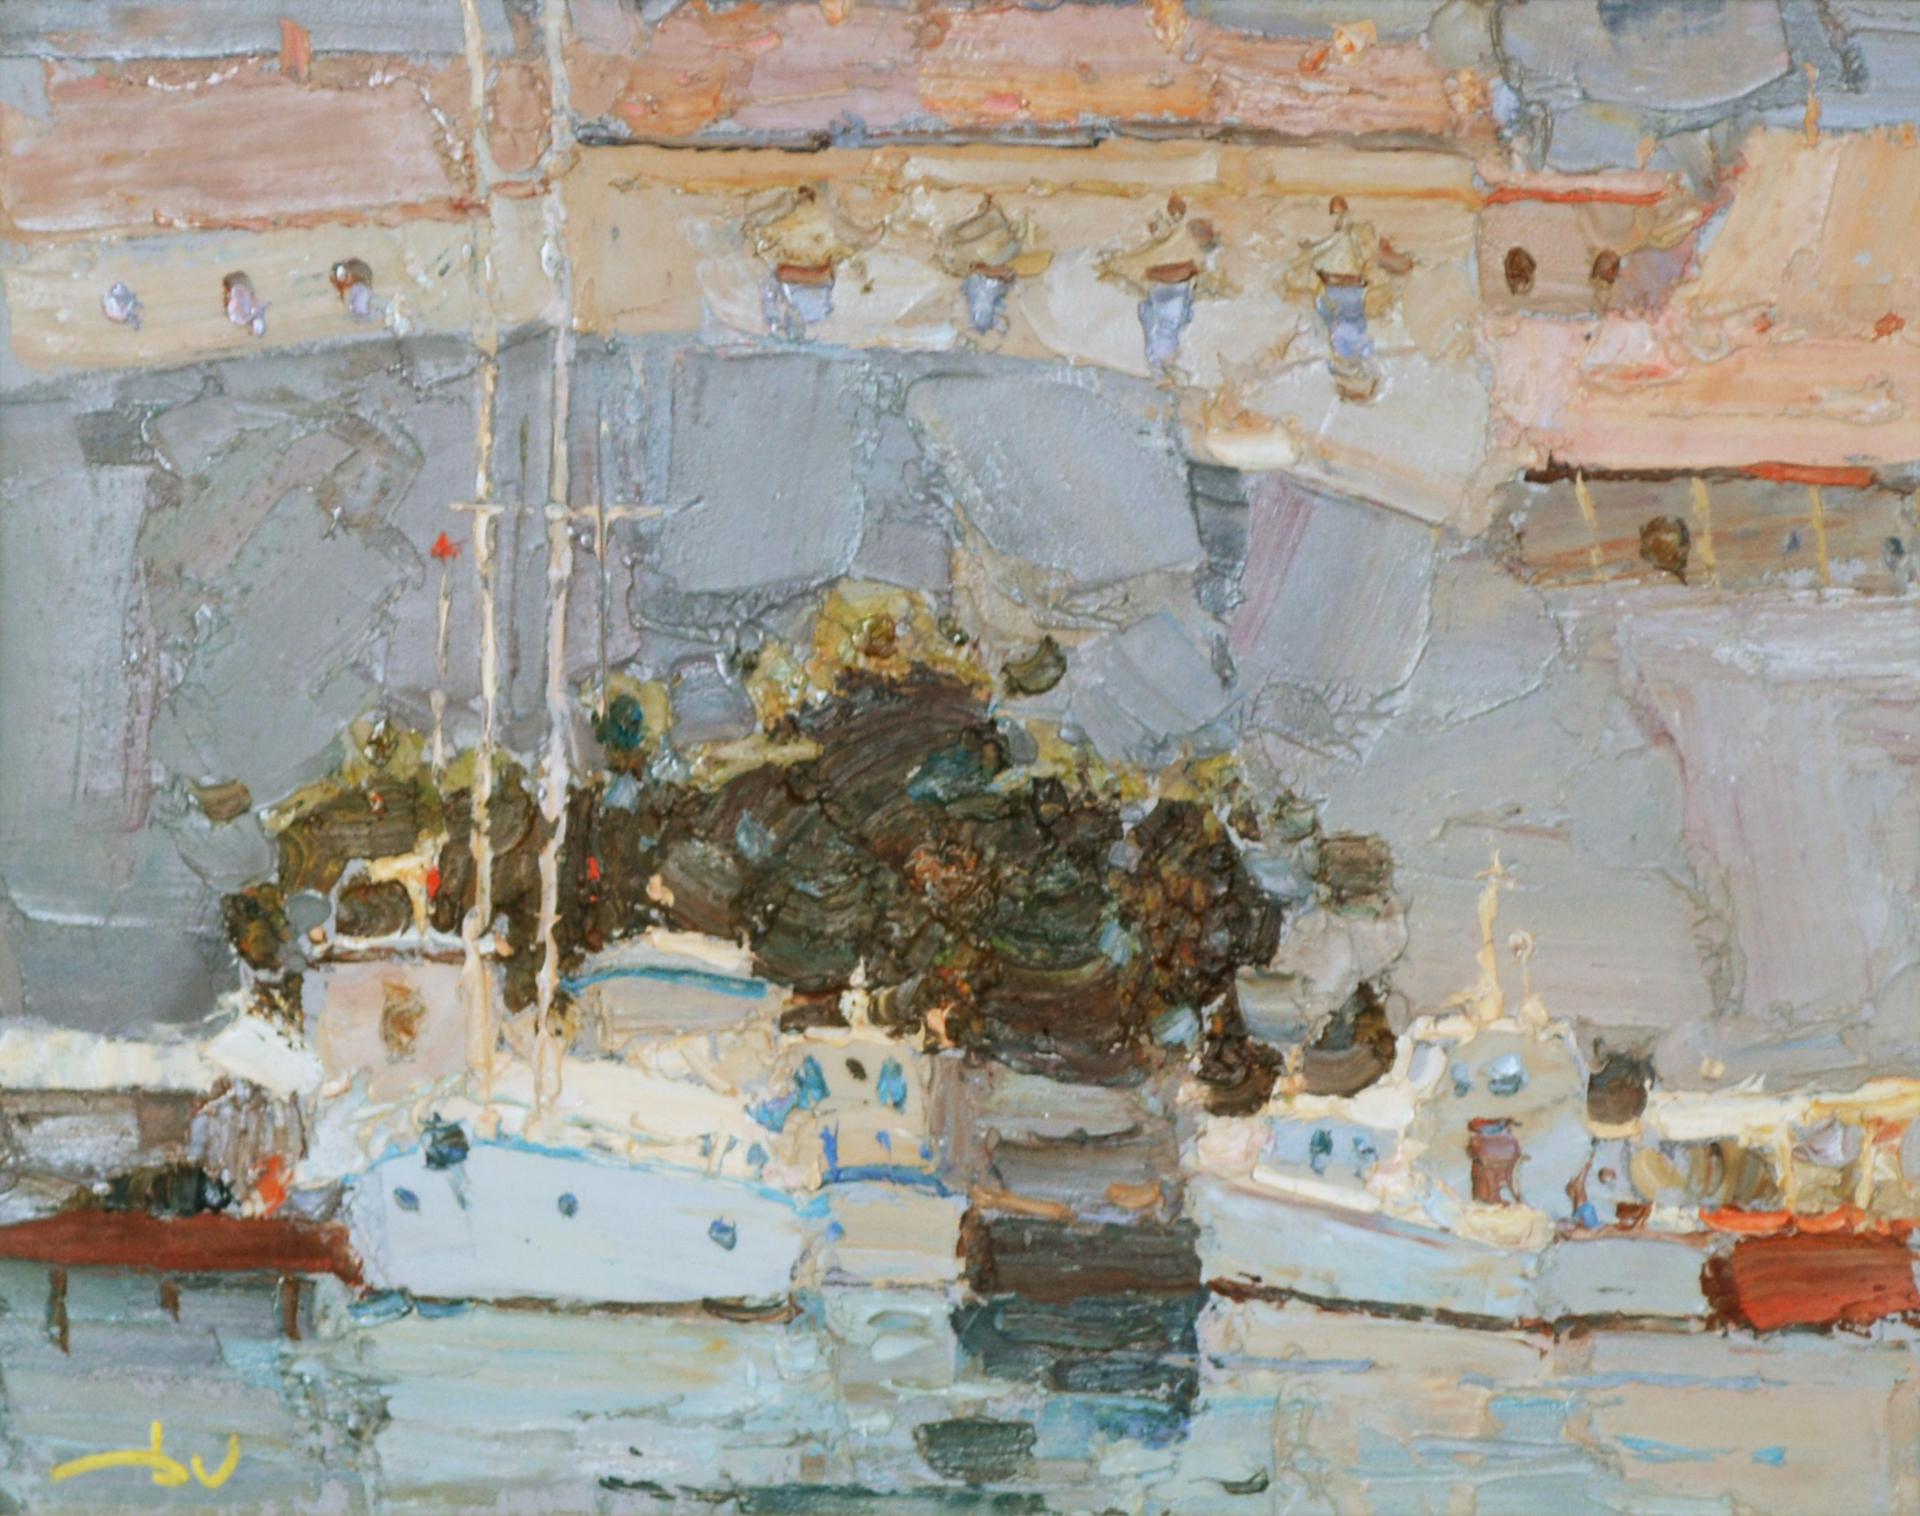 Harbor in Dubrovnik by Daniil Volkov